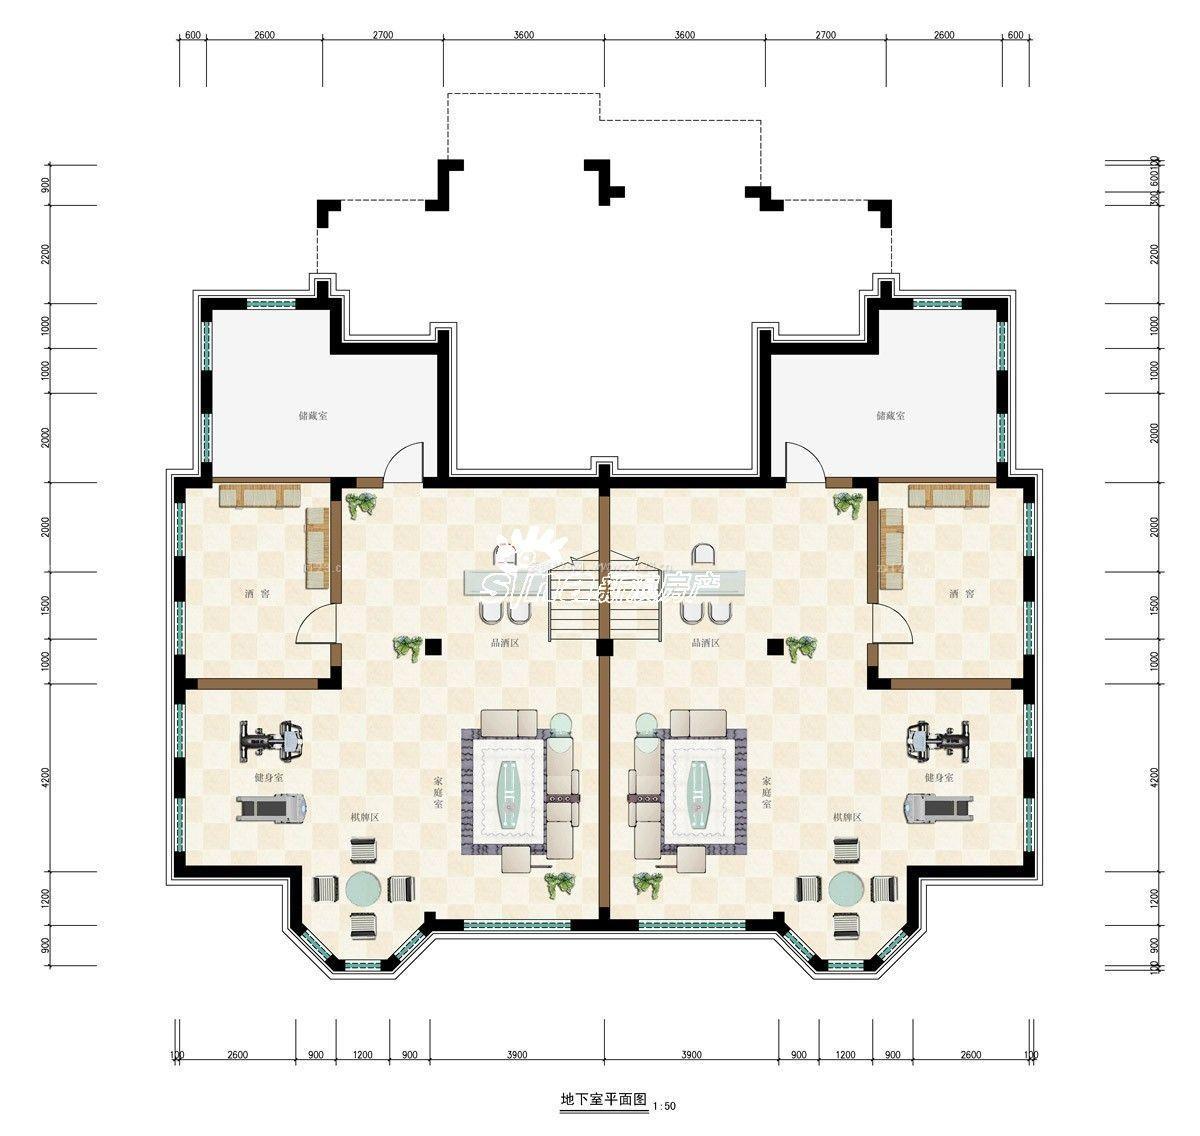 双拼别墅户型图设计